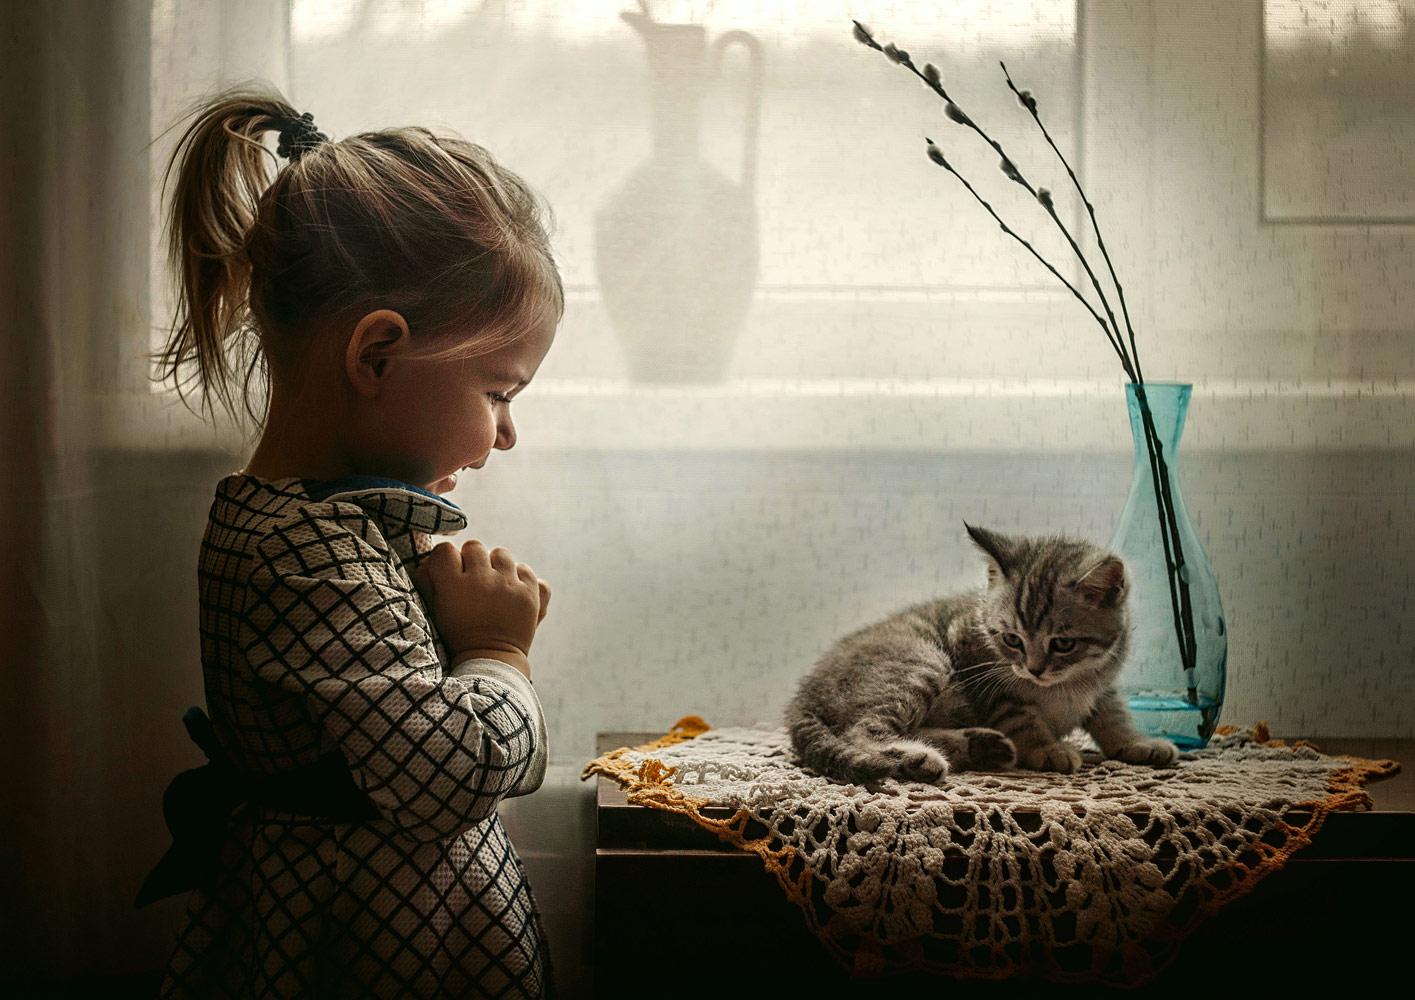 Лилия Немыкина, Подарок, 3 место в номинации «Люди», любители, Фотоконкурс Nikon «Я в сердце изображения»